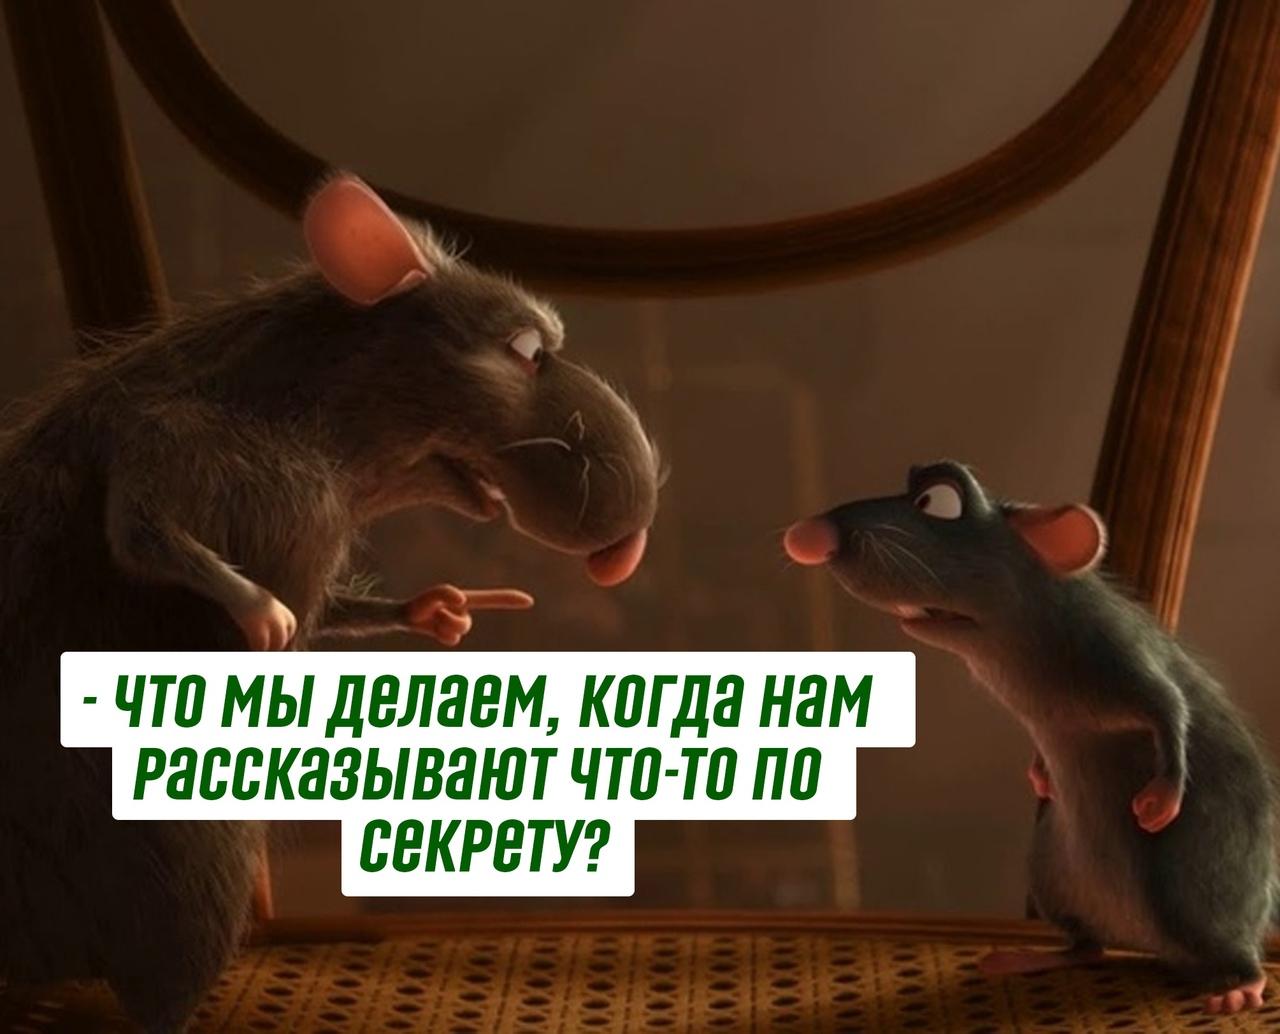 Как легко стать крысой в компании